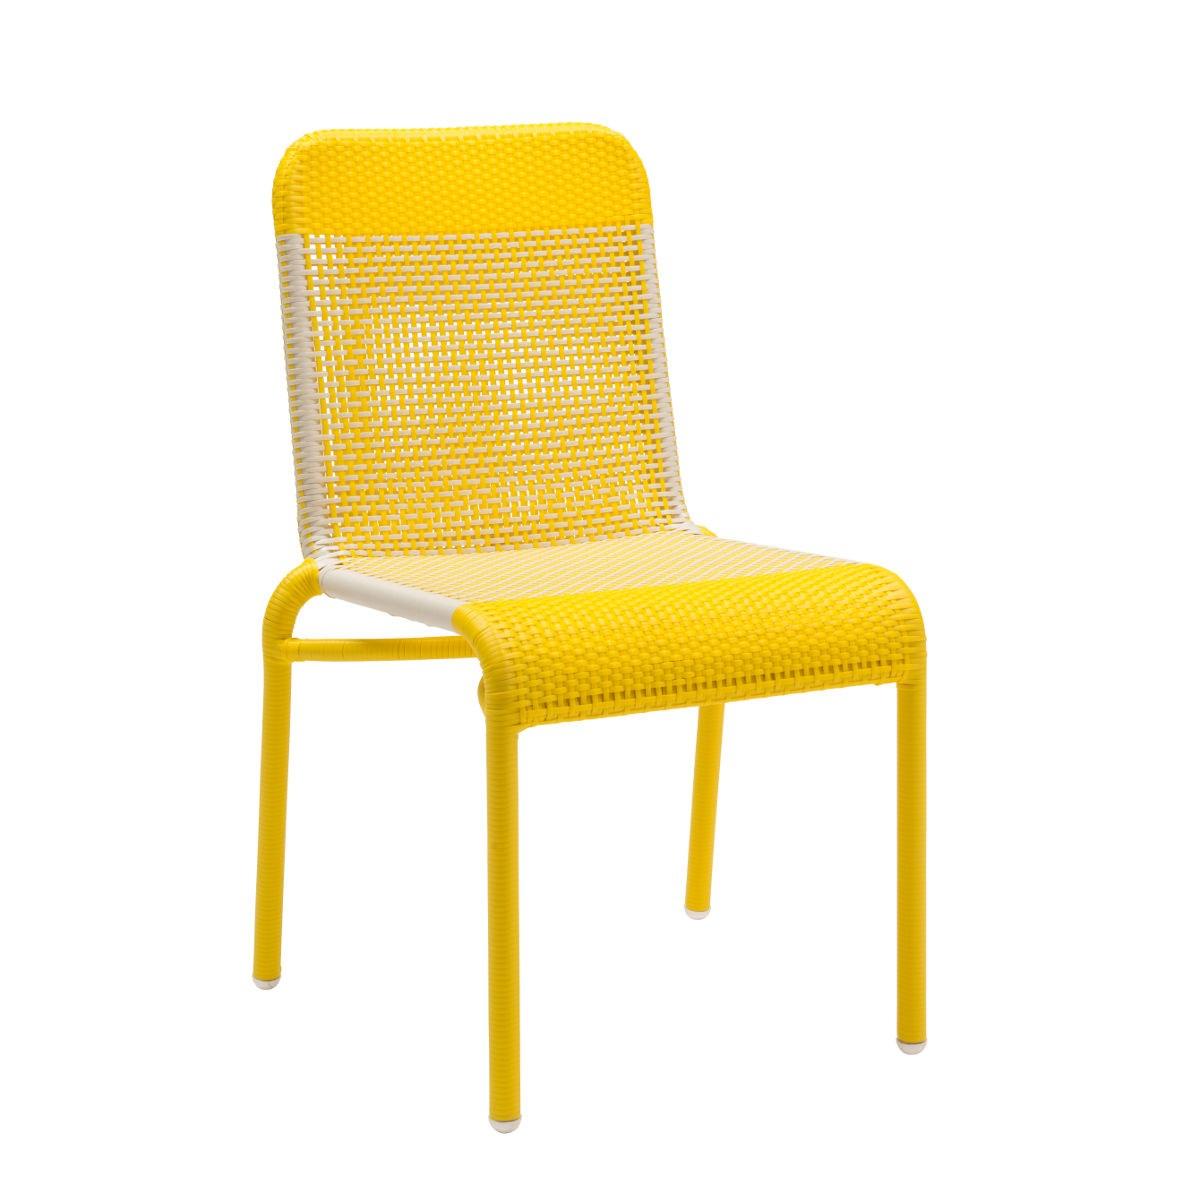 maison du monde Chaise de jardin tressée en résine jaune citron